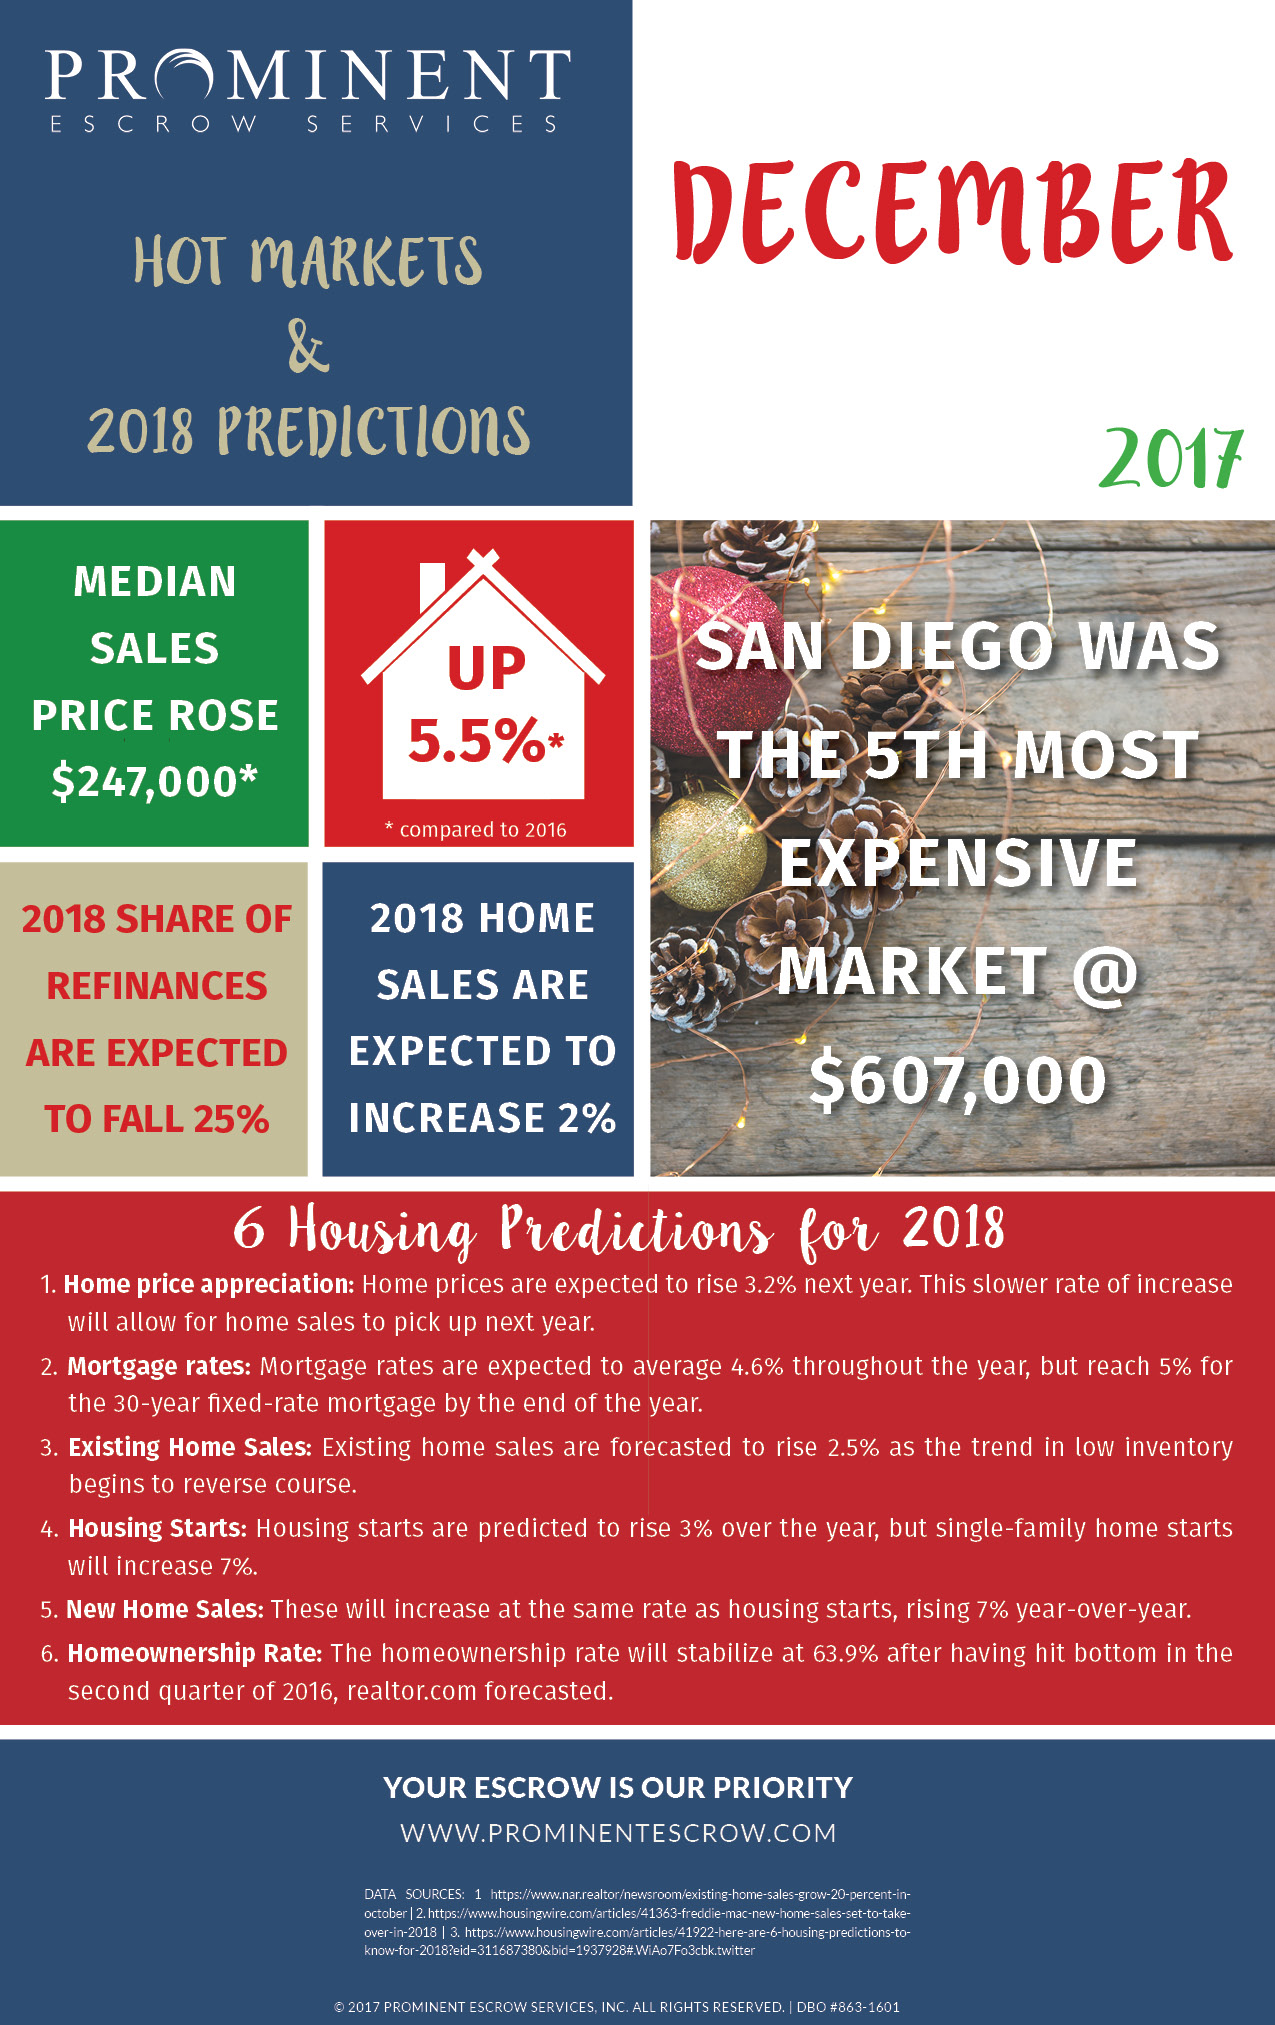 12-1-17 Hot-Markets2018Predictions-Dec-SD.jpg